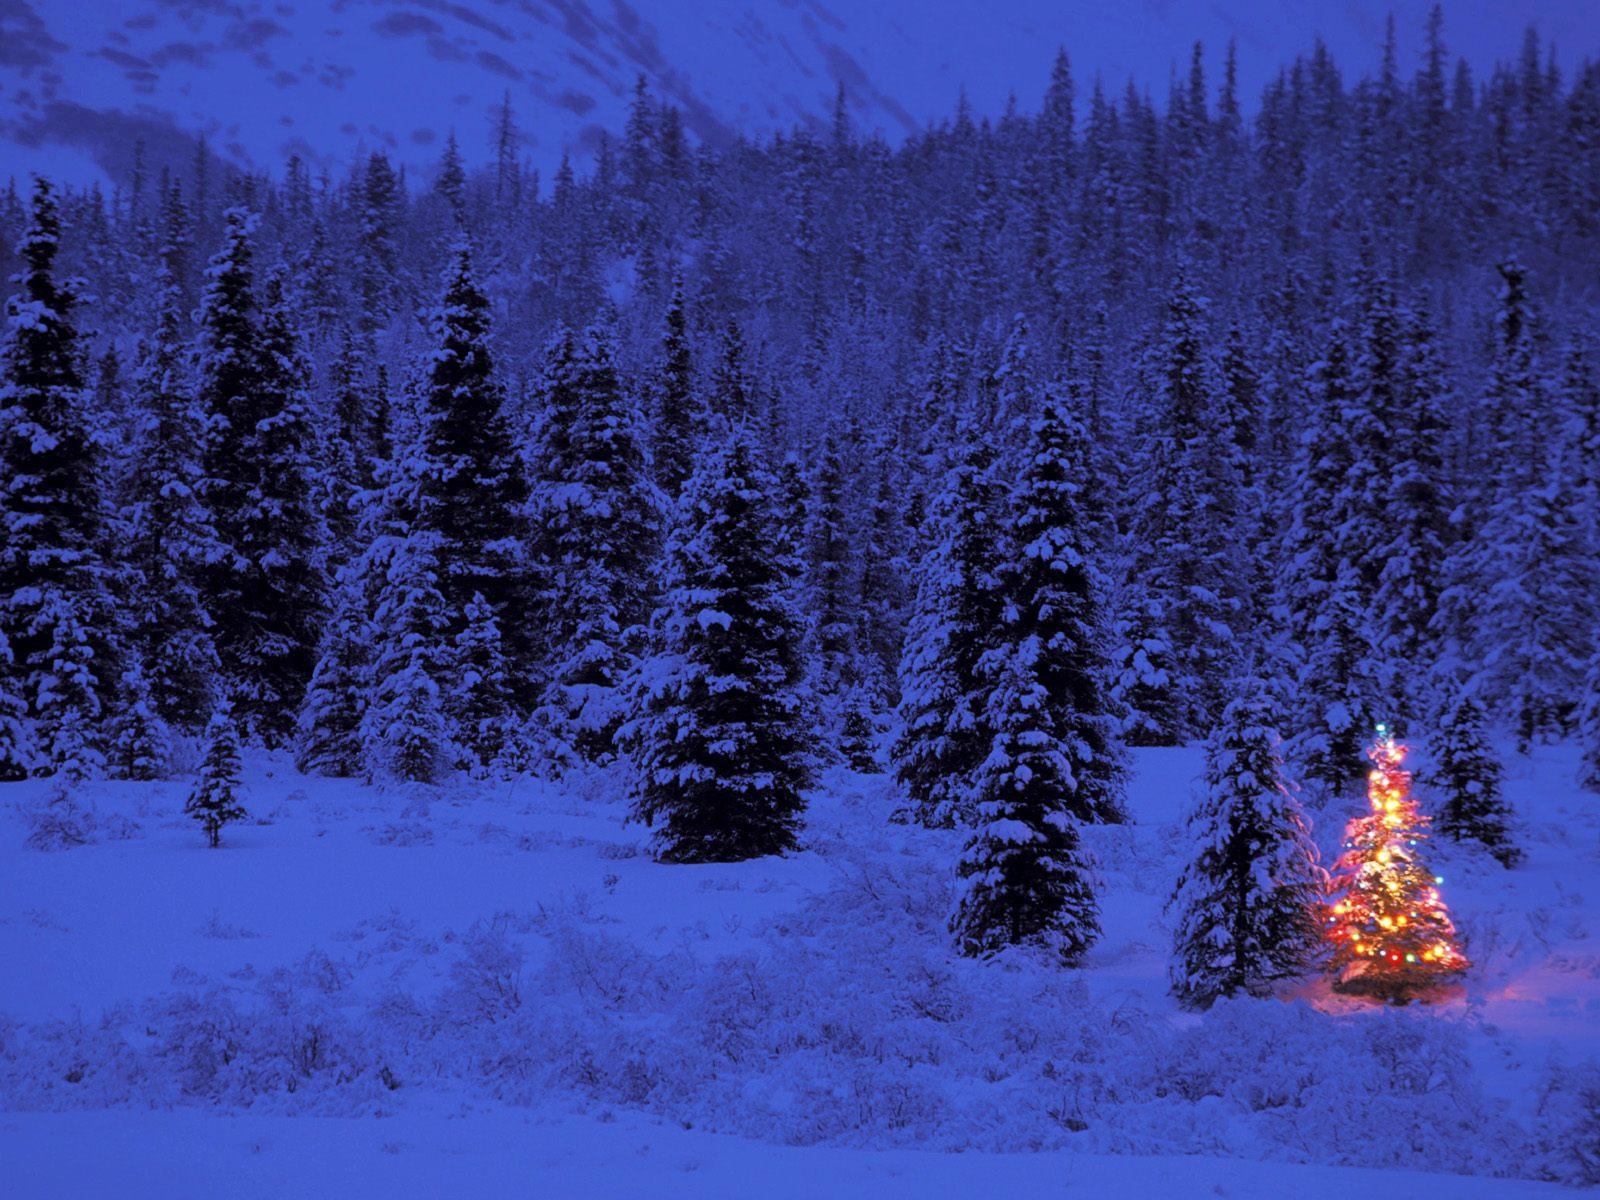 Зима, ночь, лес, скачать, обои на рабочий стол